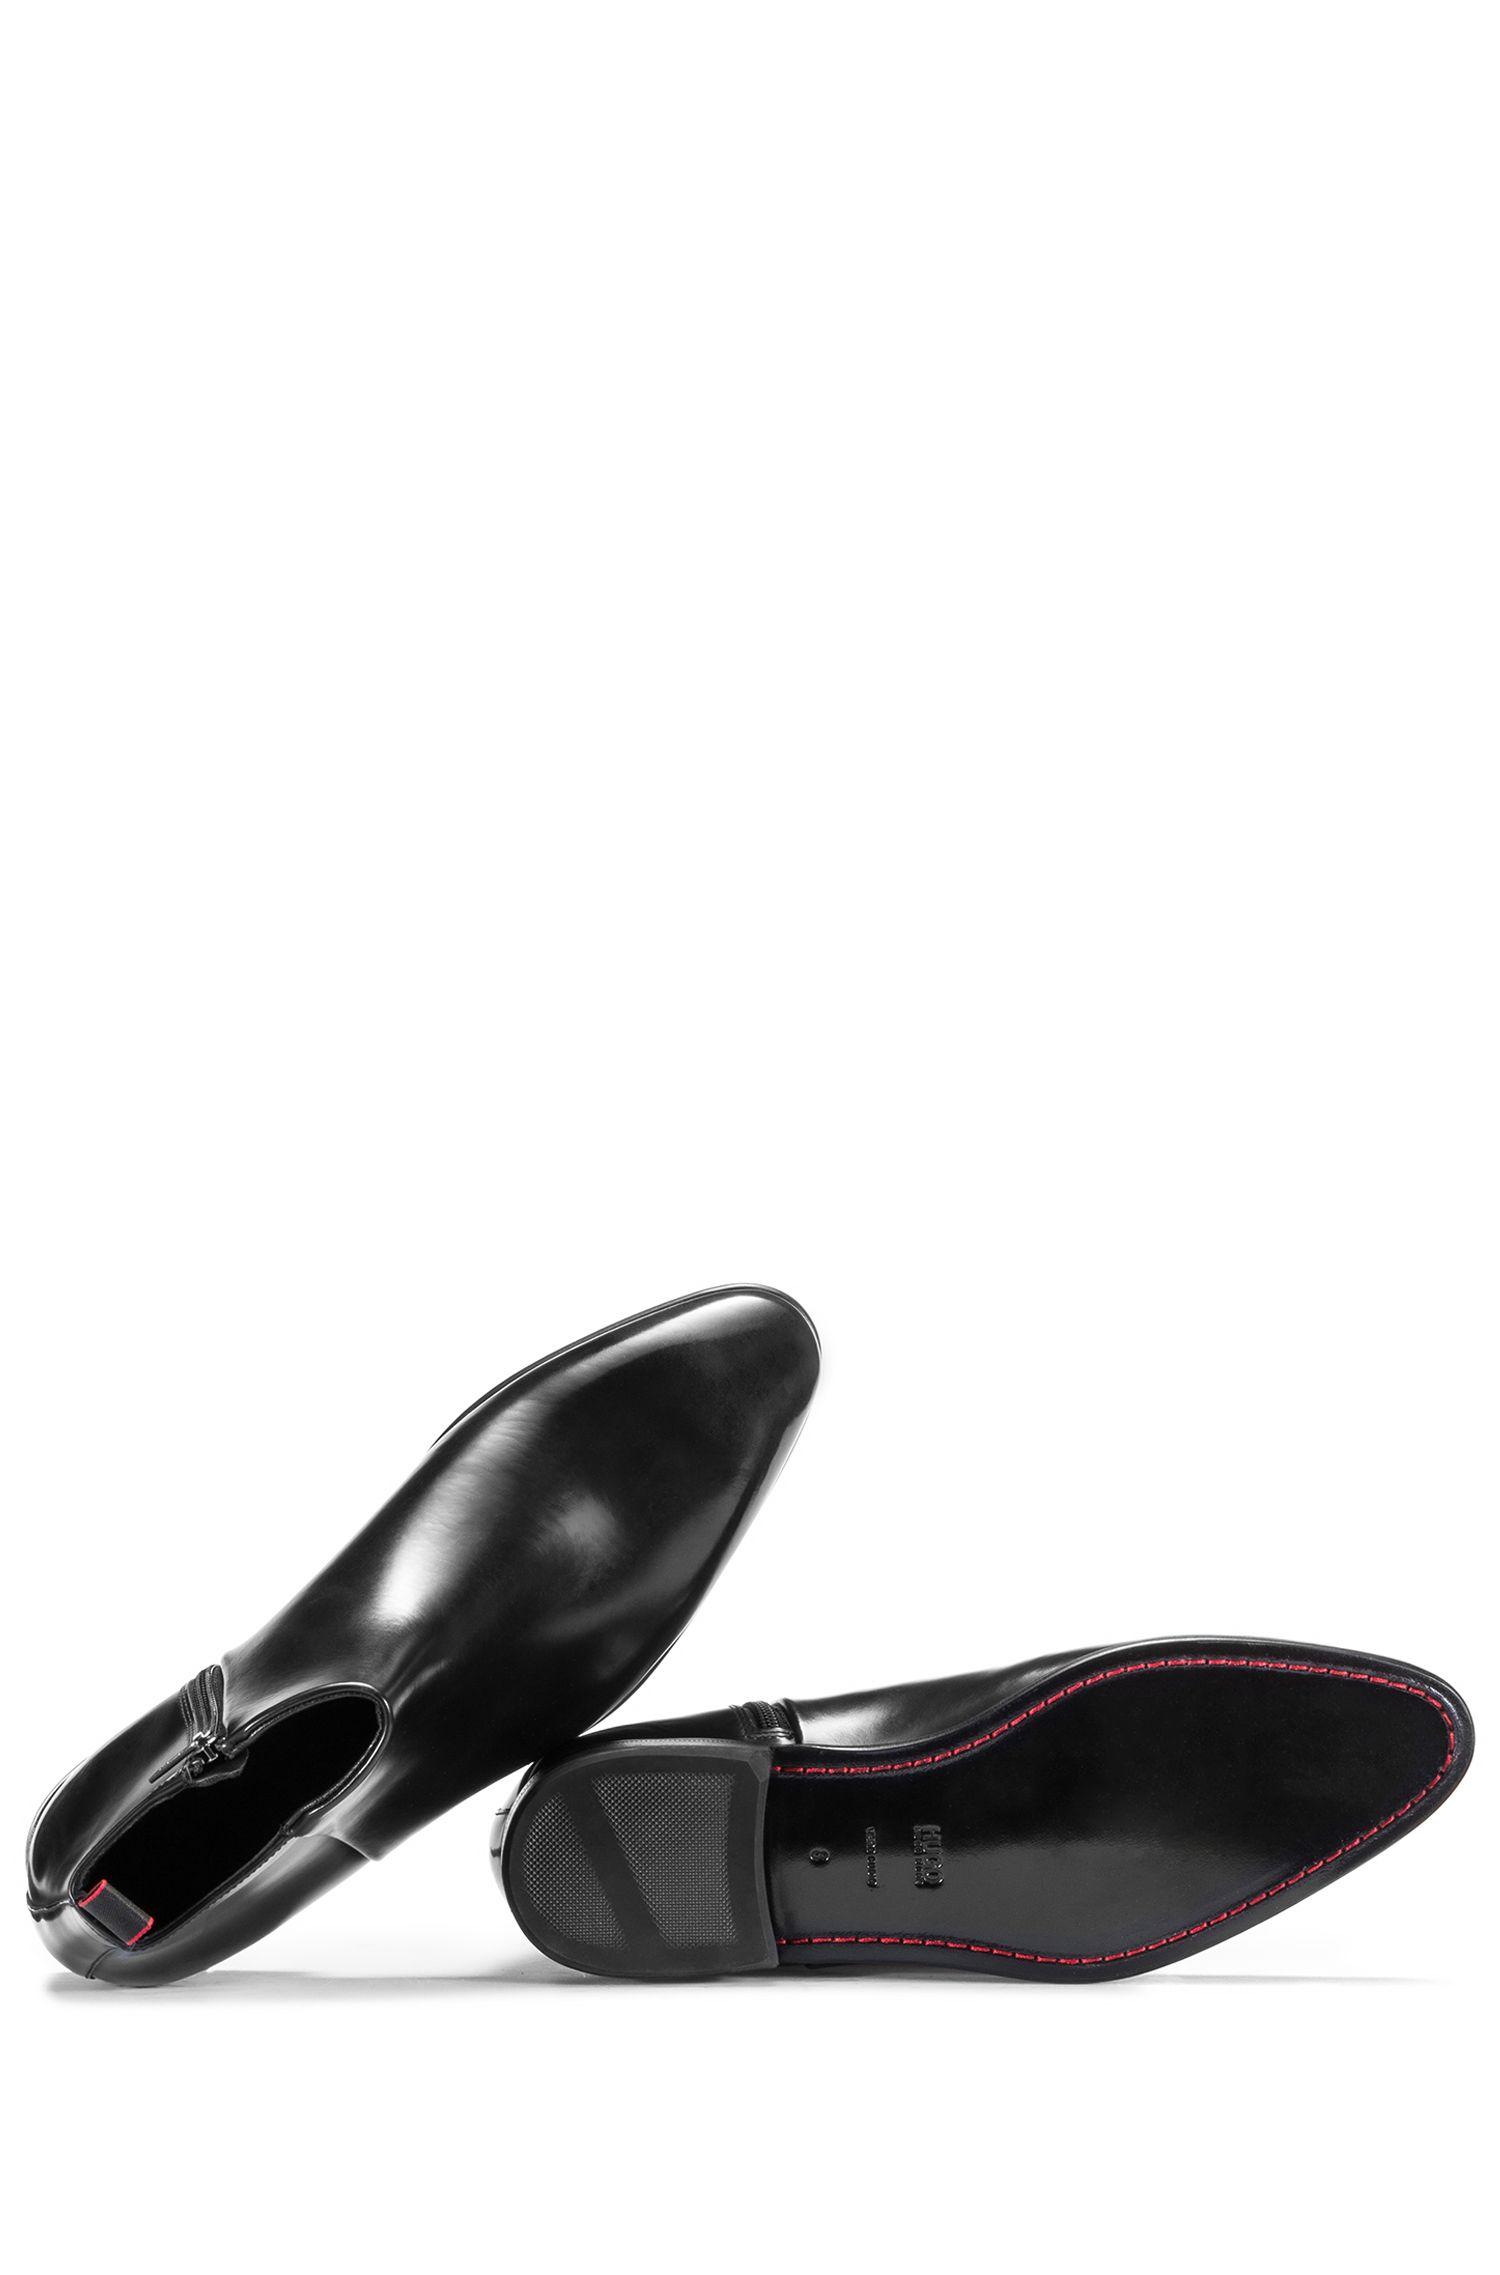 Laarzen van geborsteld leer met rits opzij